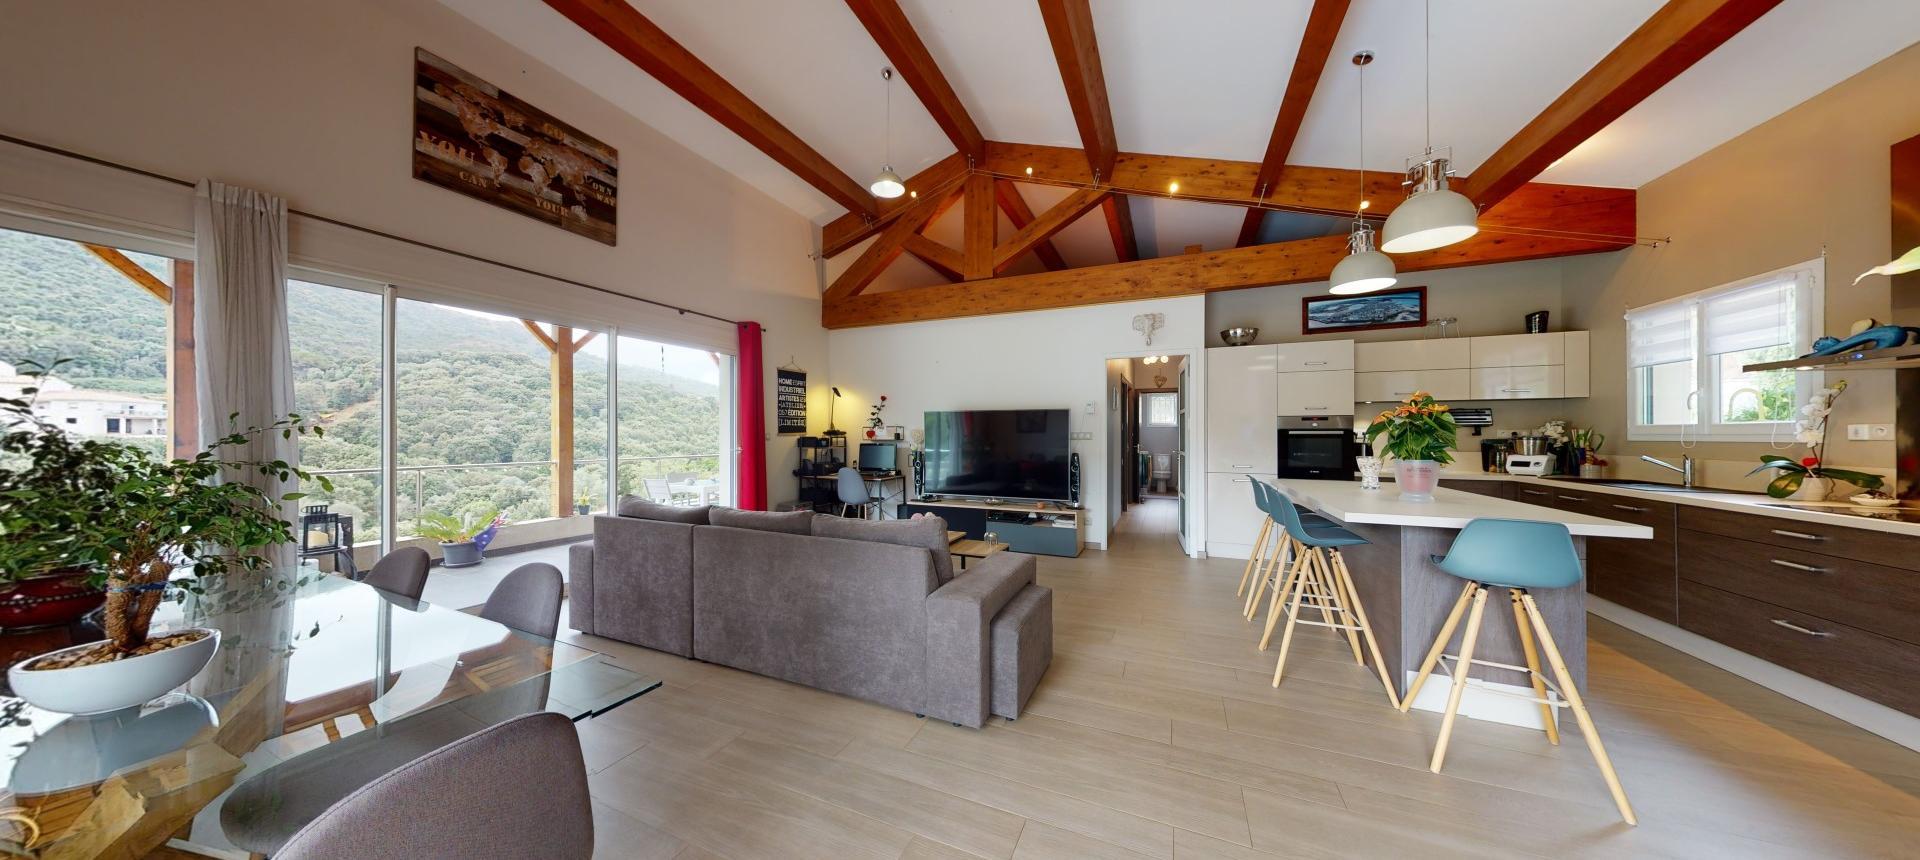 Villa à vendre proche Ajaccio - San Benedetto - Vue séjour - RDC